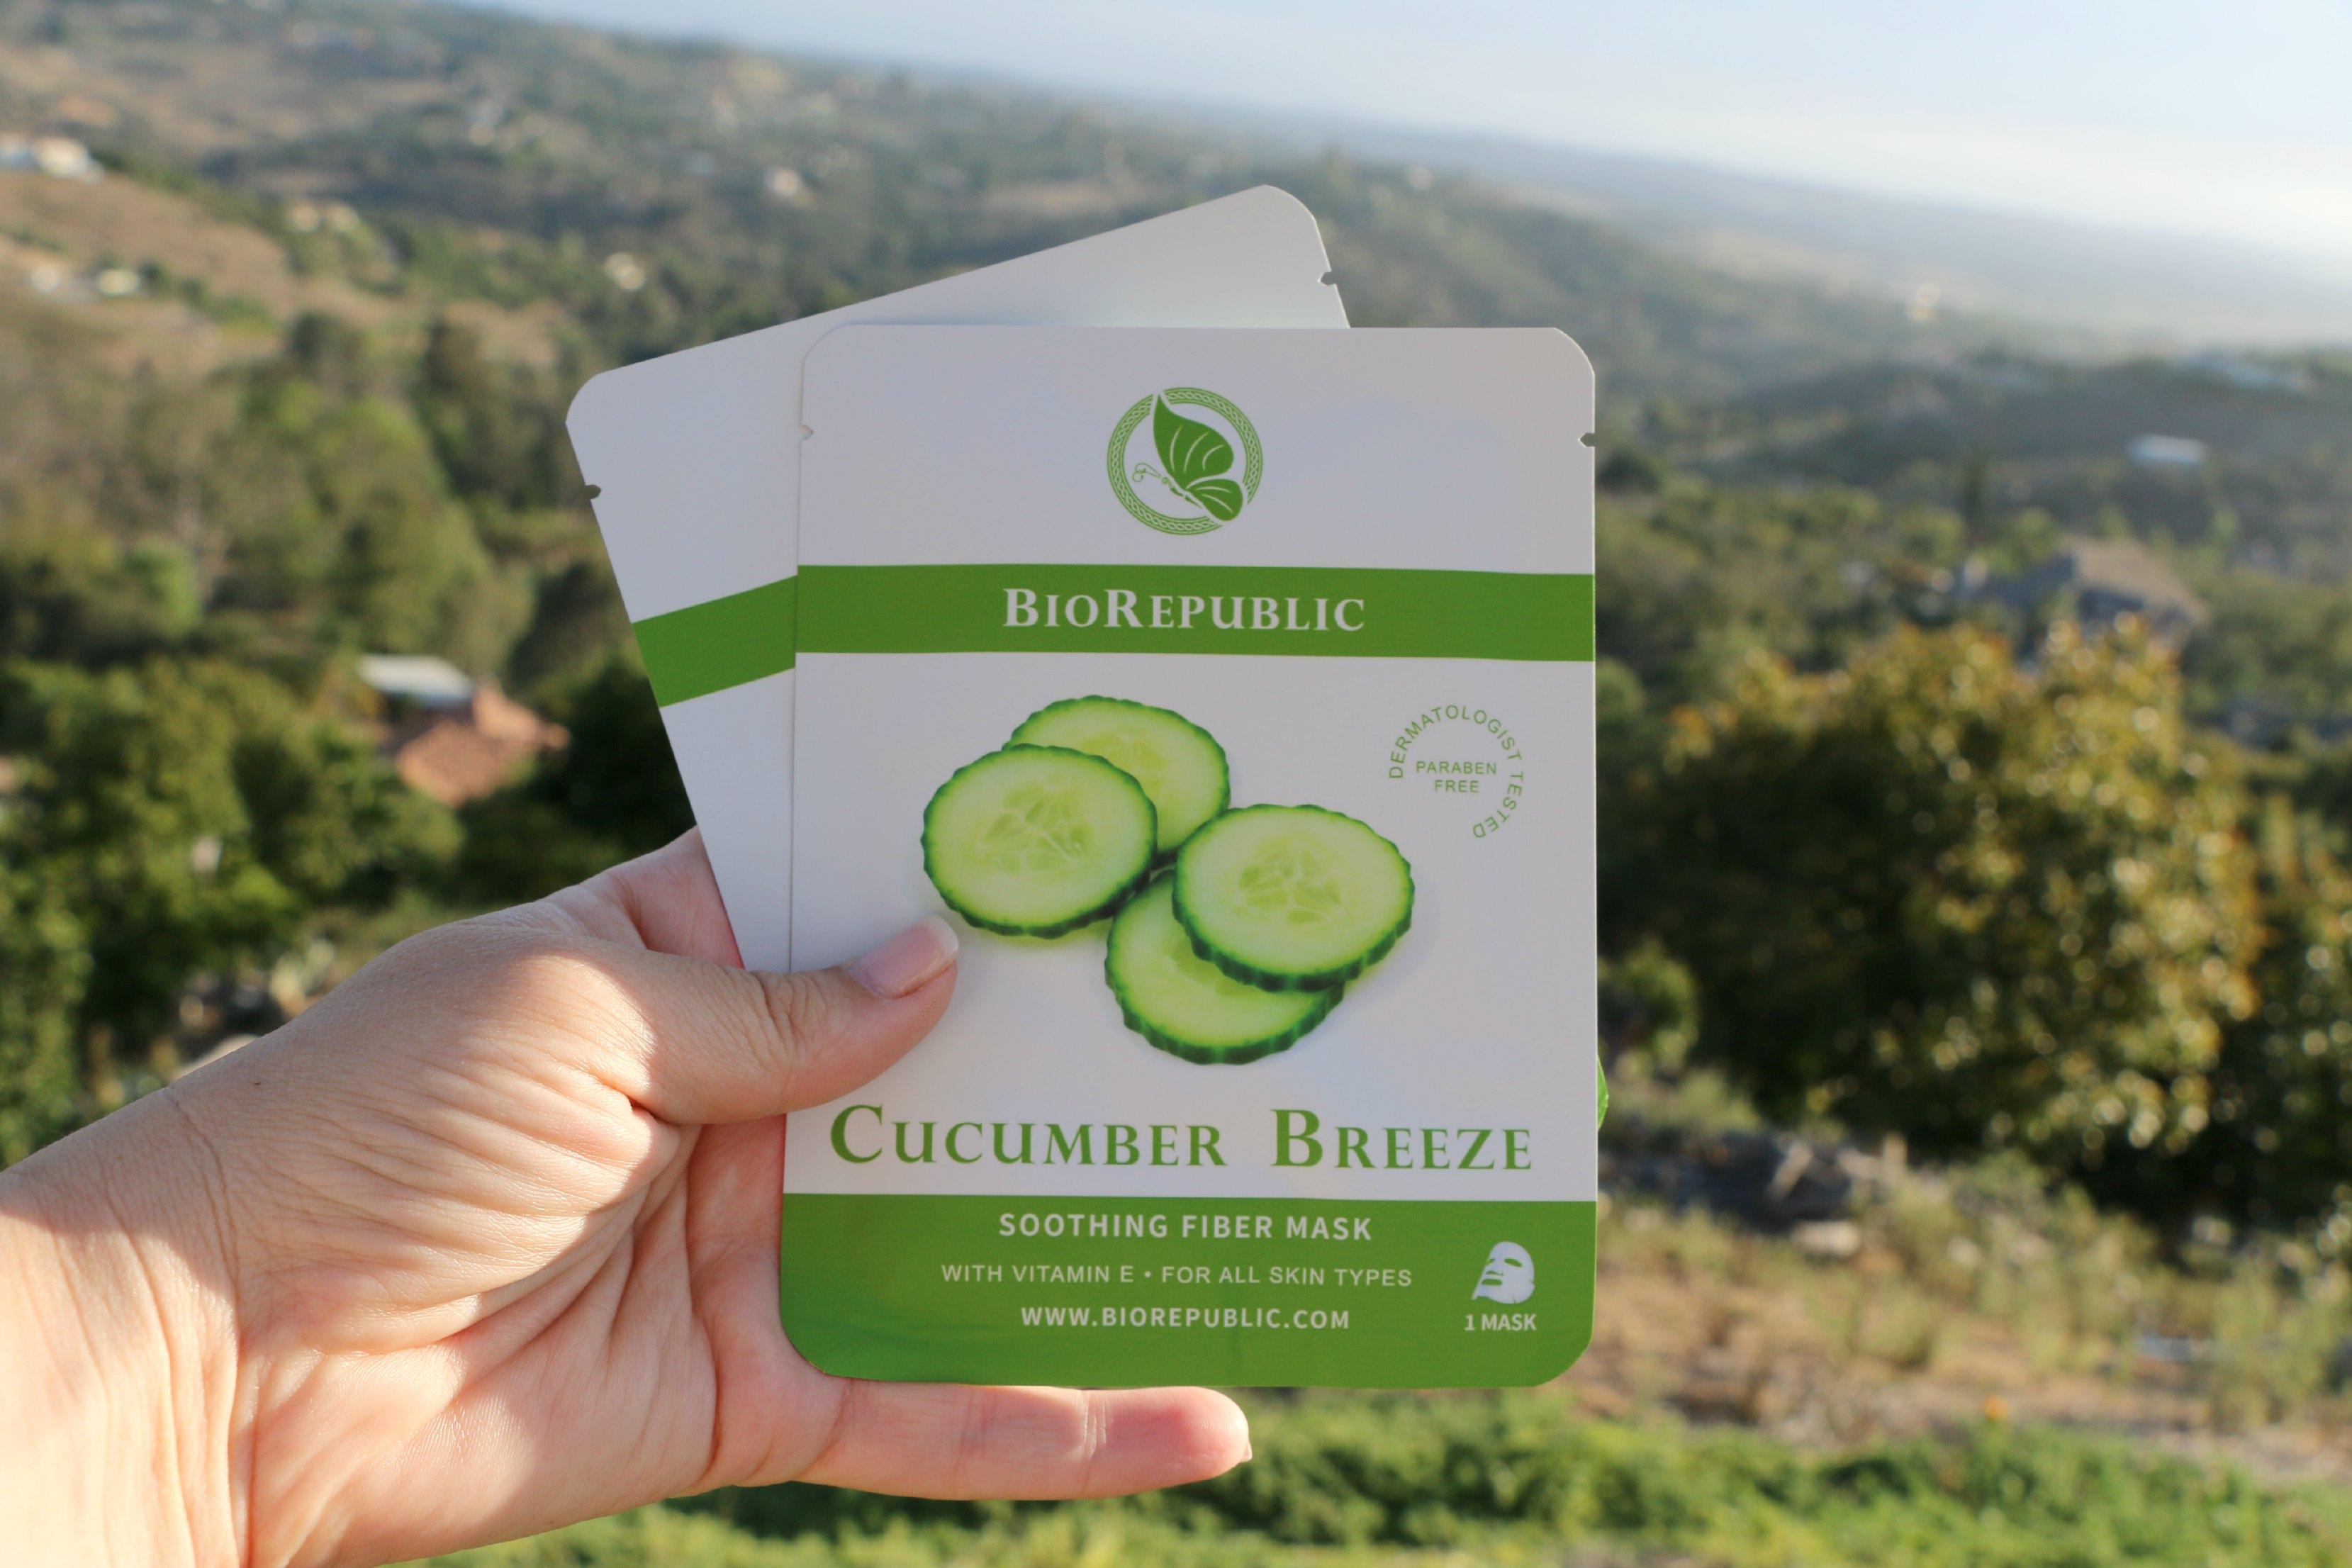 biorepublic cucumber breeze